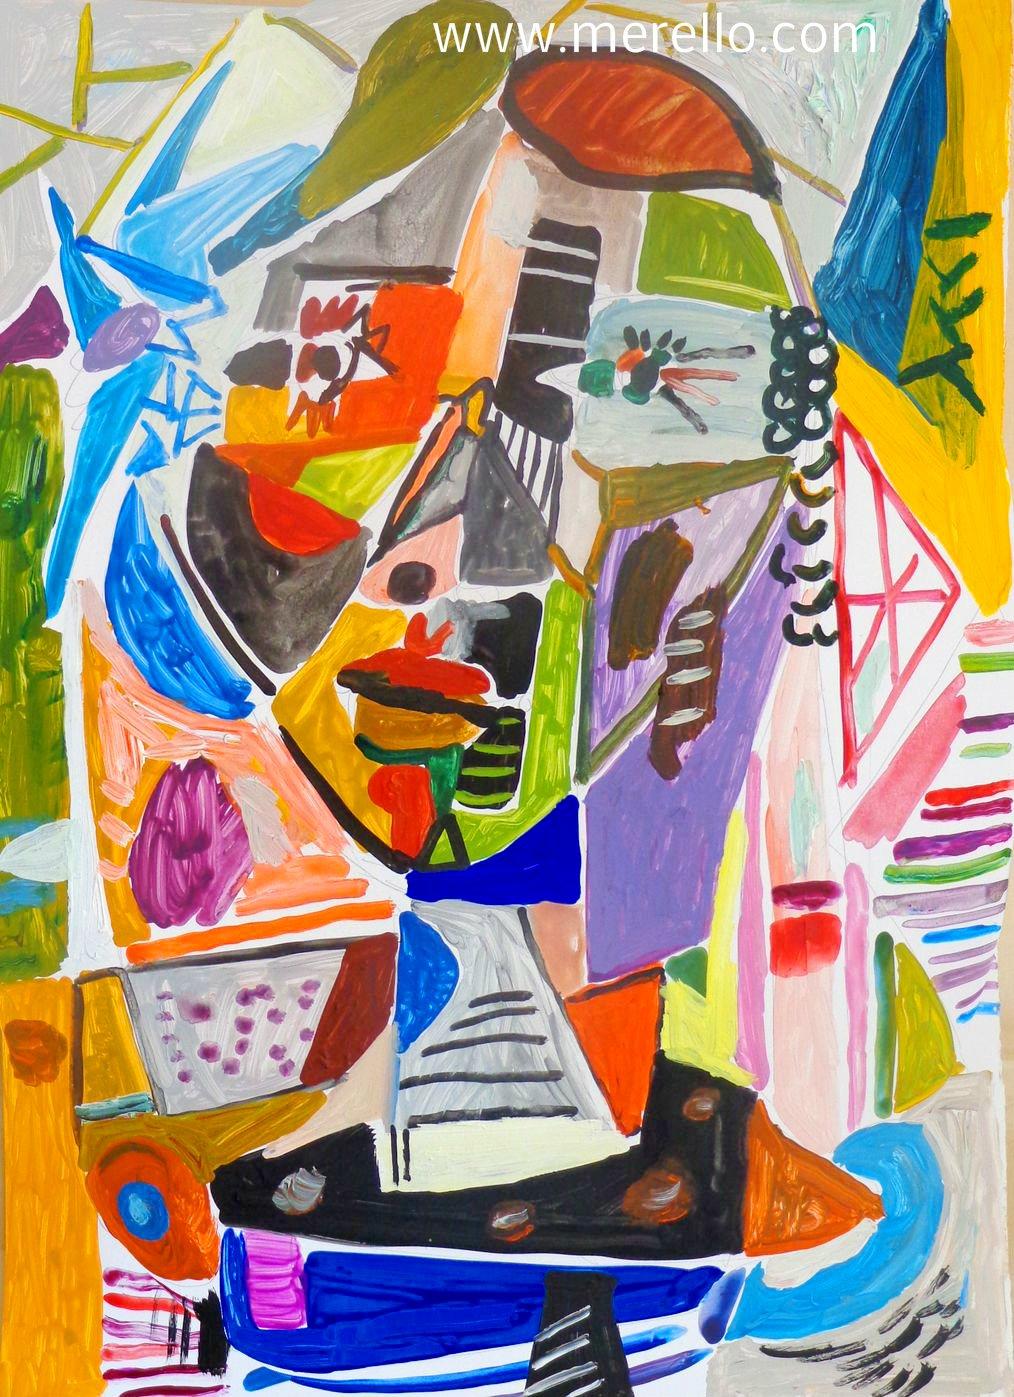 Peintre Contemporain Célèbre Vivant art moderne,artistes,peintres espagnols. merello